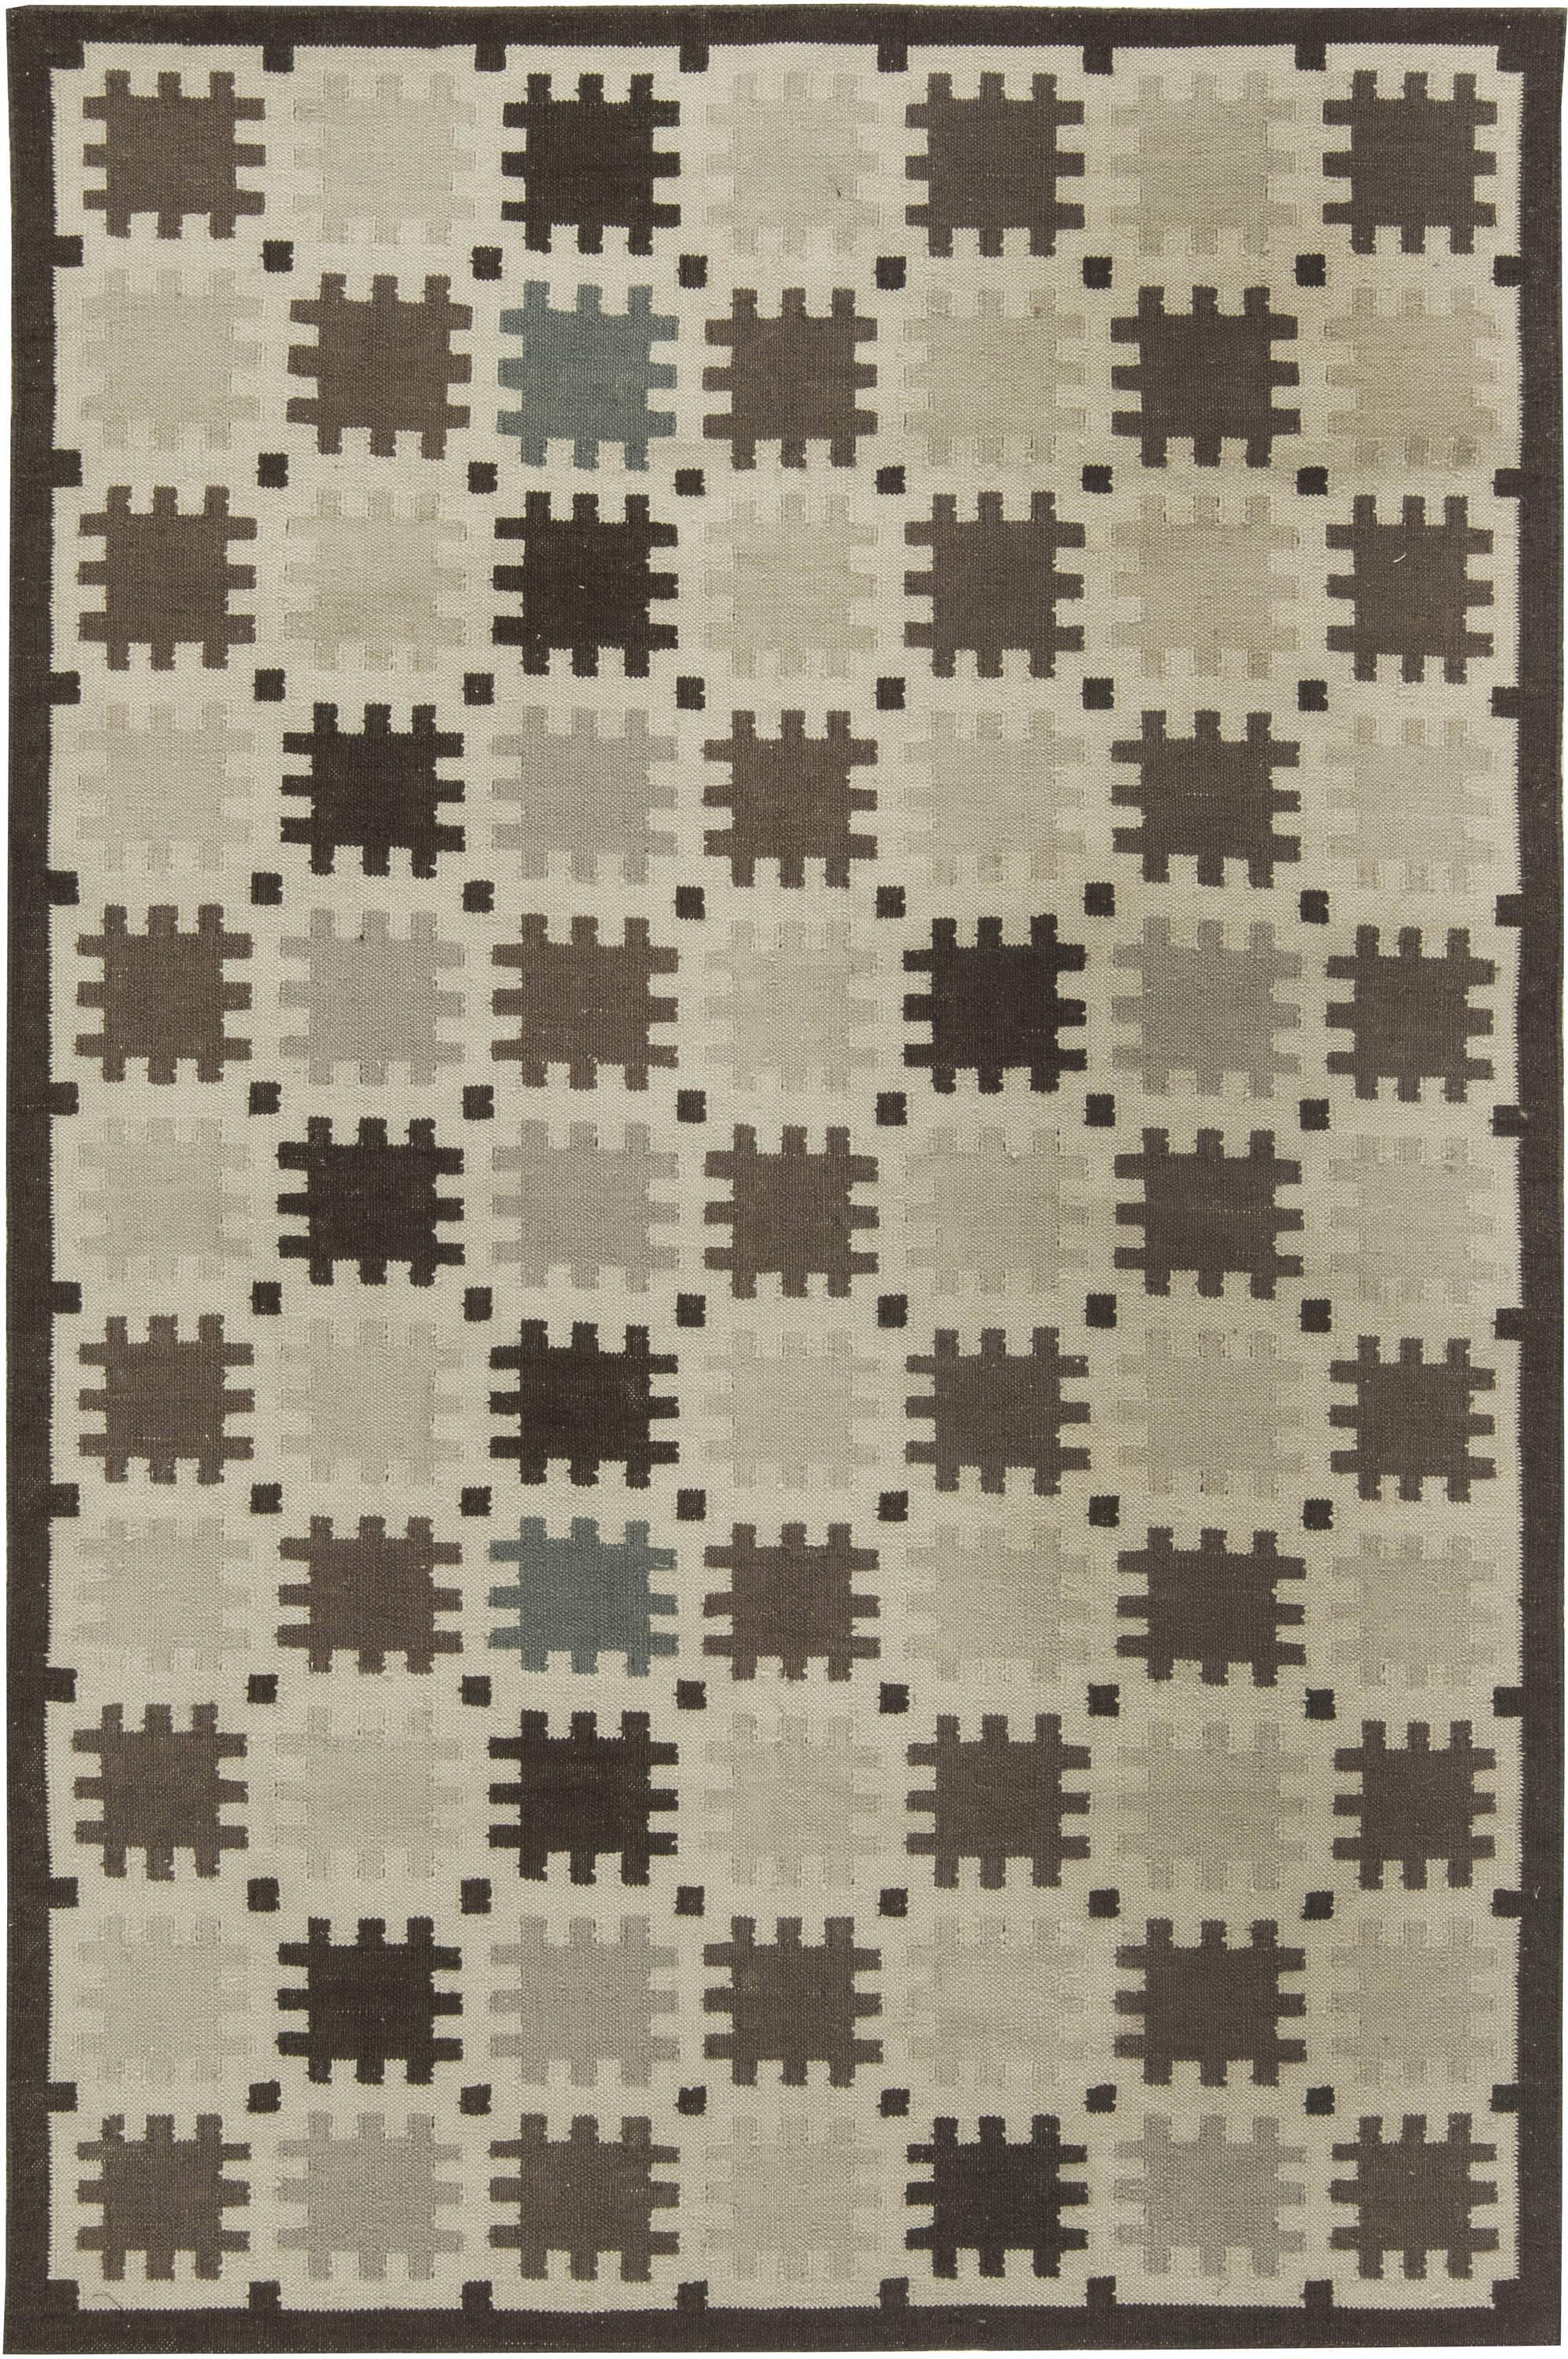 Indoor – Outdoor Flatweave Rug with Scandinavian Design N11651